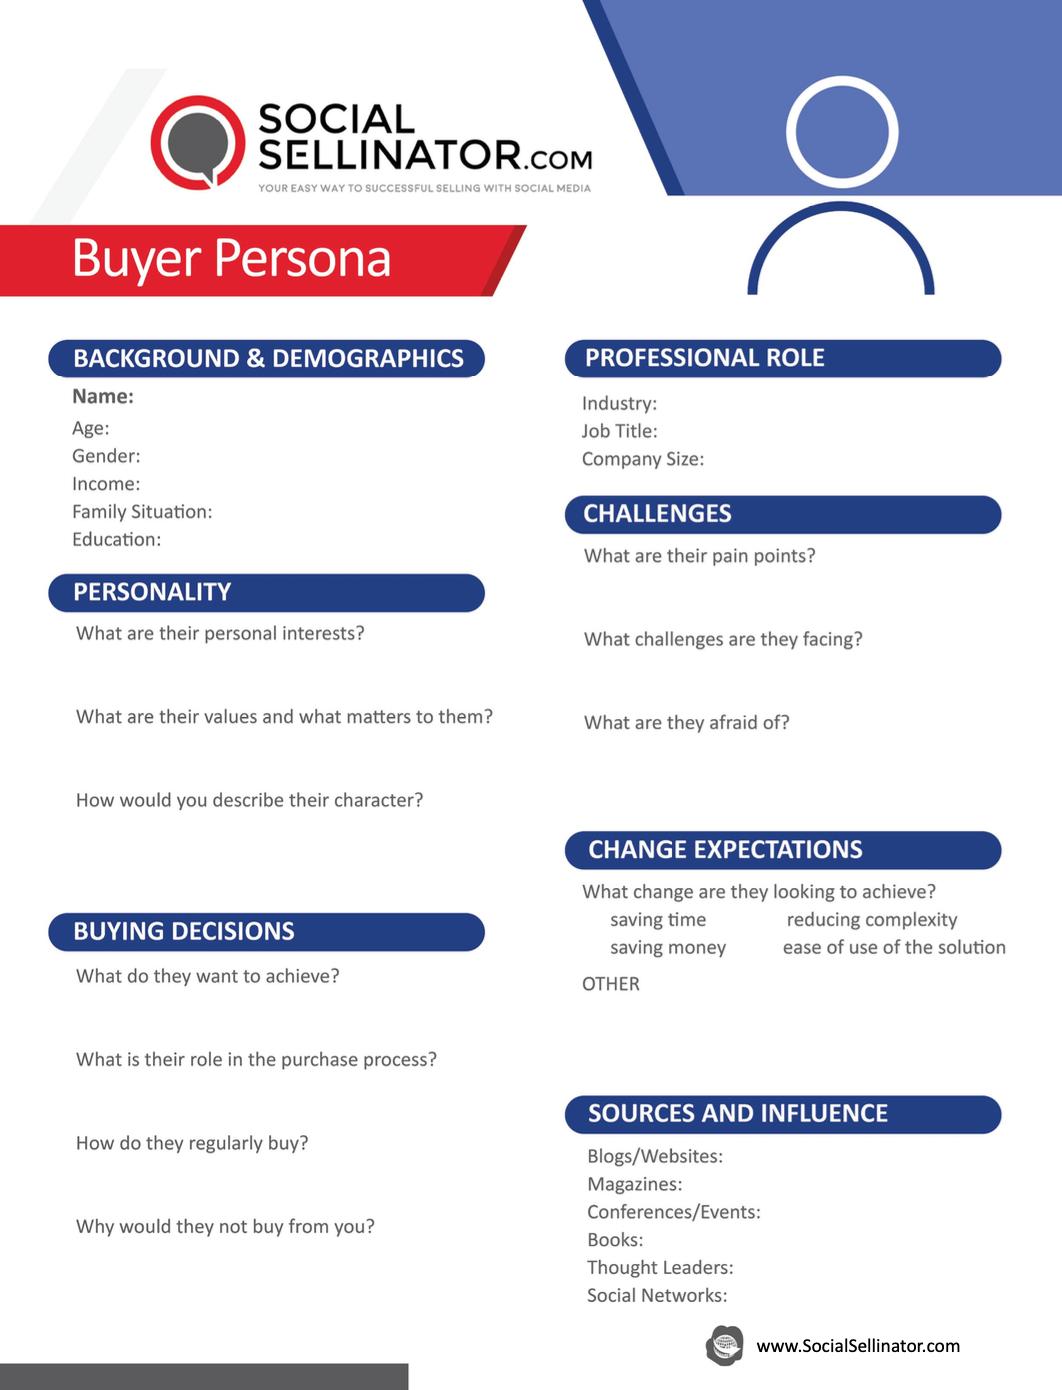 Buyer Persona Image